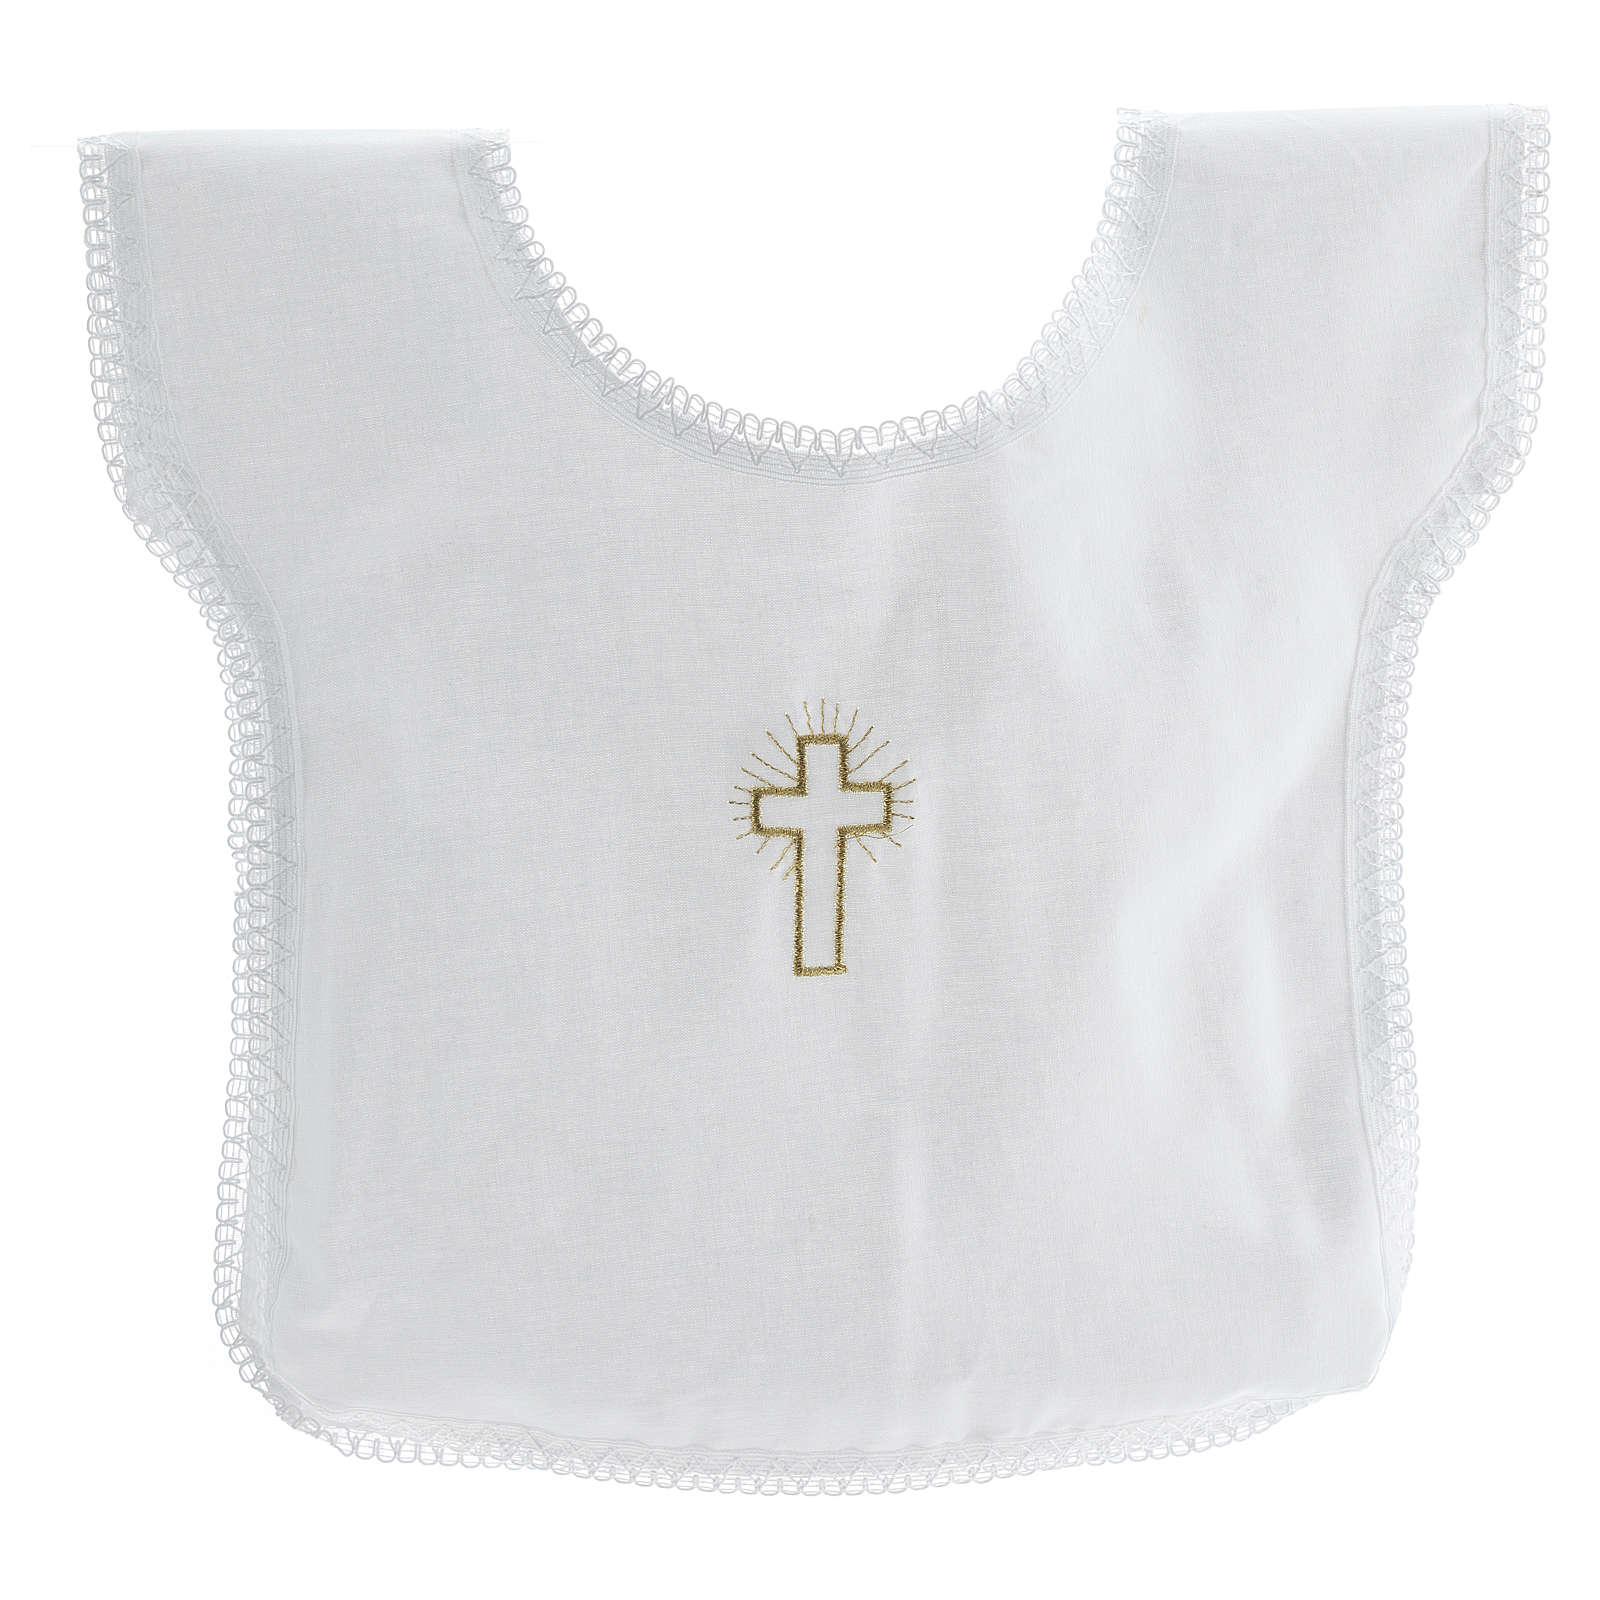 Túnica batismo bordado cruz 100% algodão 4